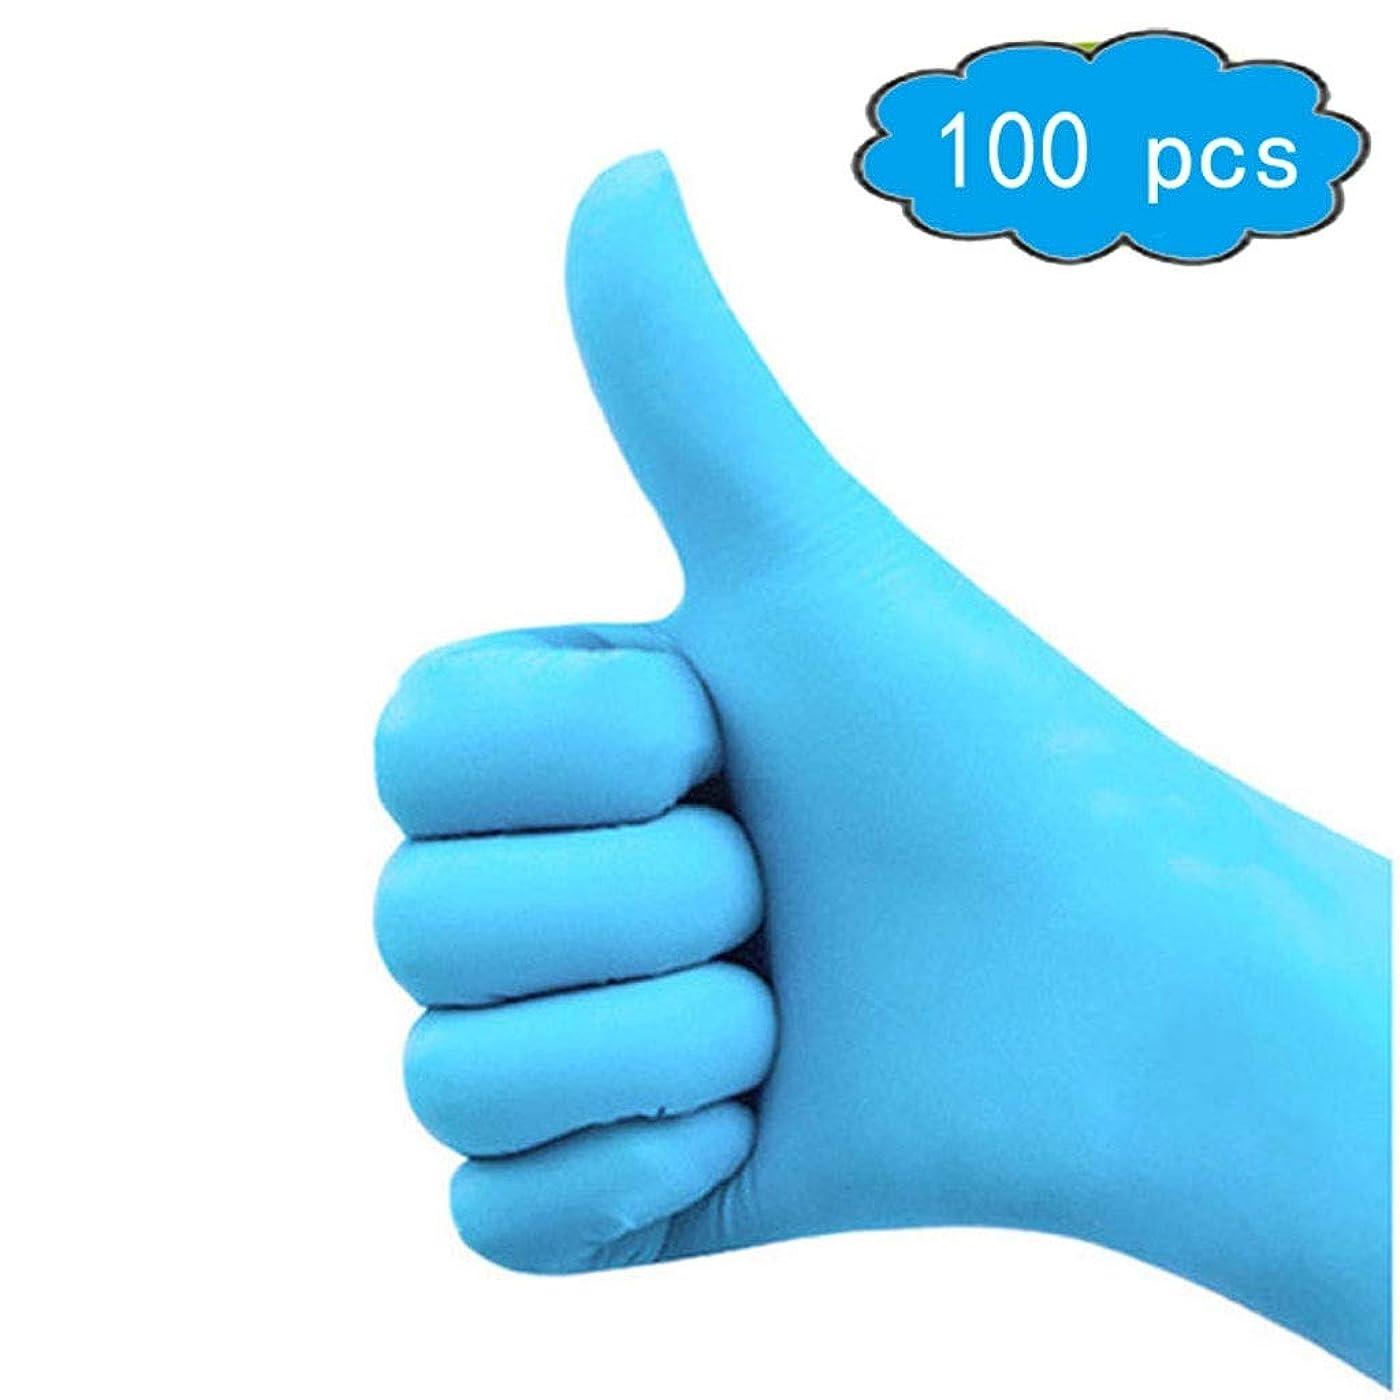 崖迷信貫通する使い捨てニトリル手袋、パウダーなし、厚く、3 mil、青、サイズL、100個入り、サニタリー手袋、家庭用品 (Color : Blue, Size : L)